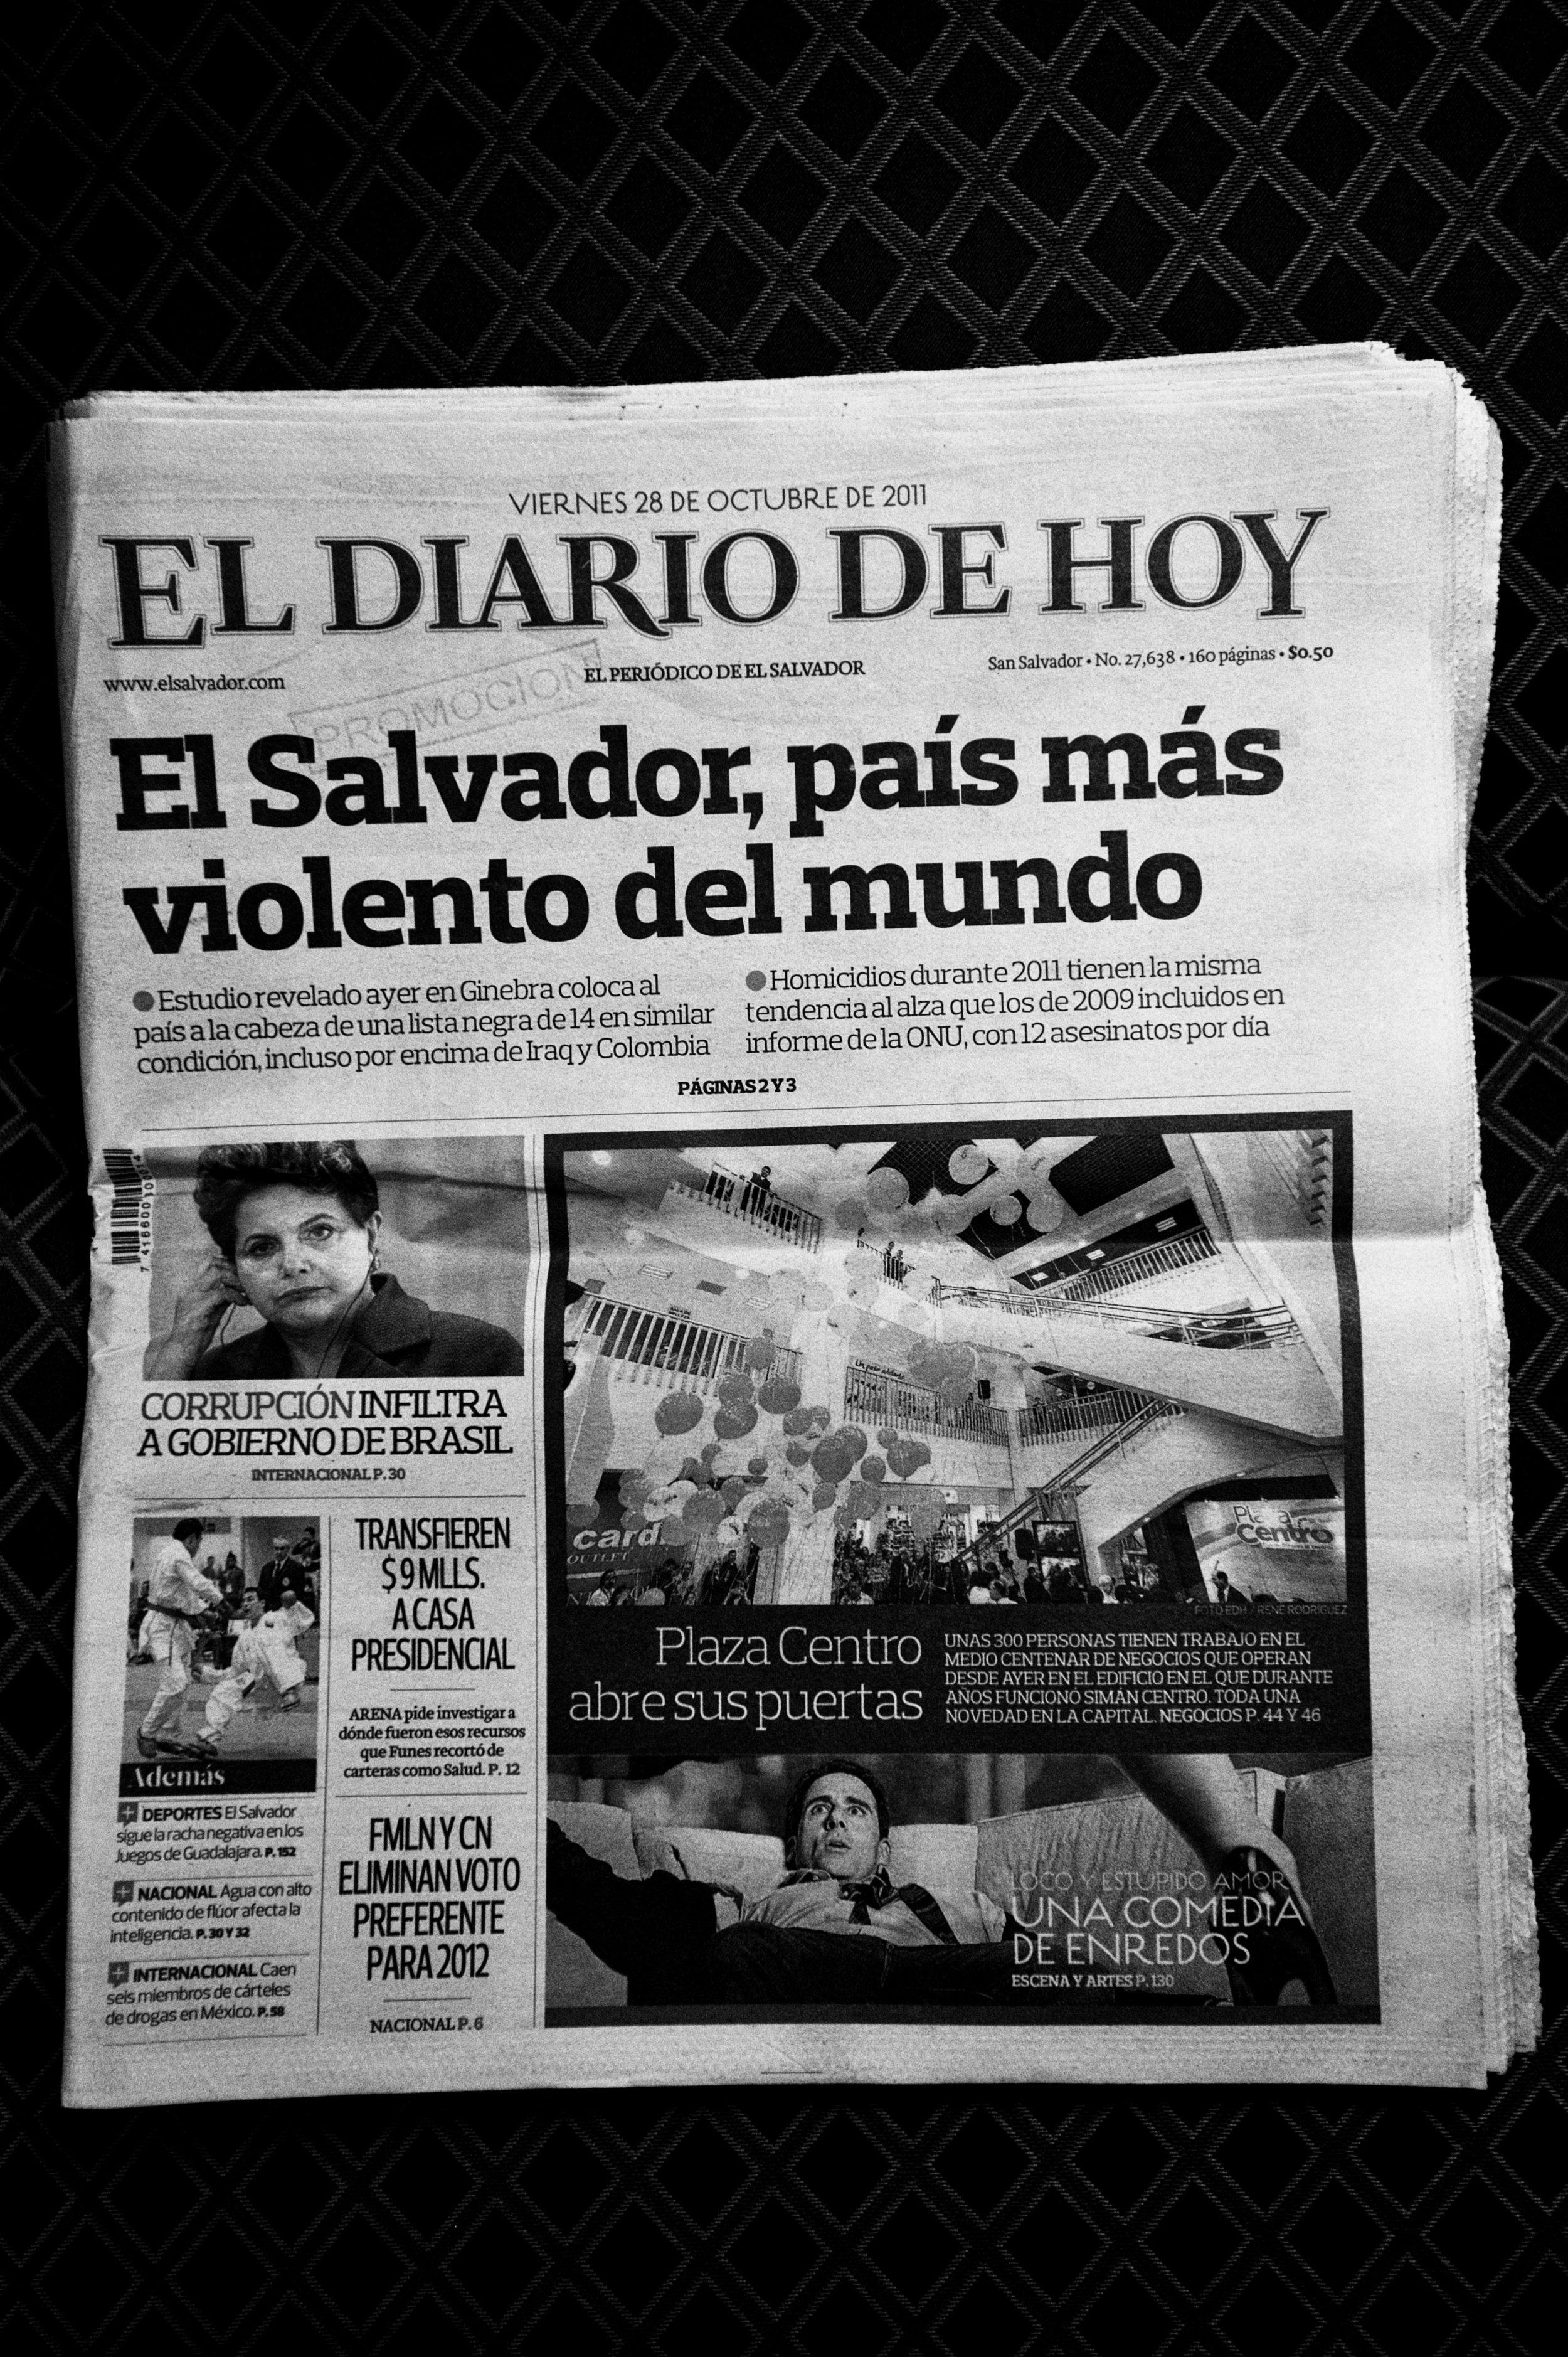 Via Panam, migration in the America's, El Salvador